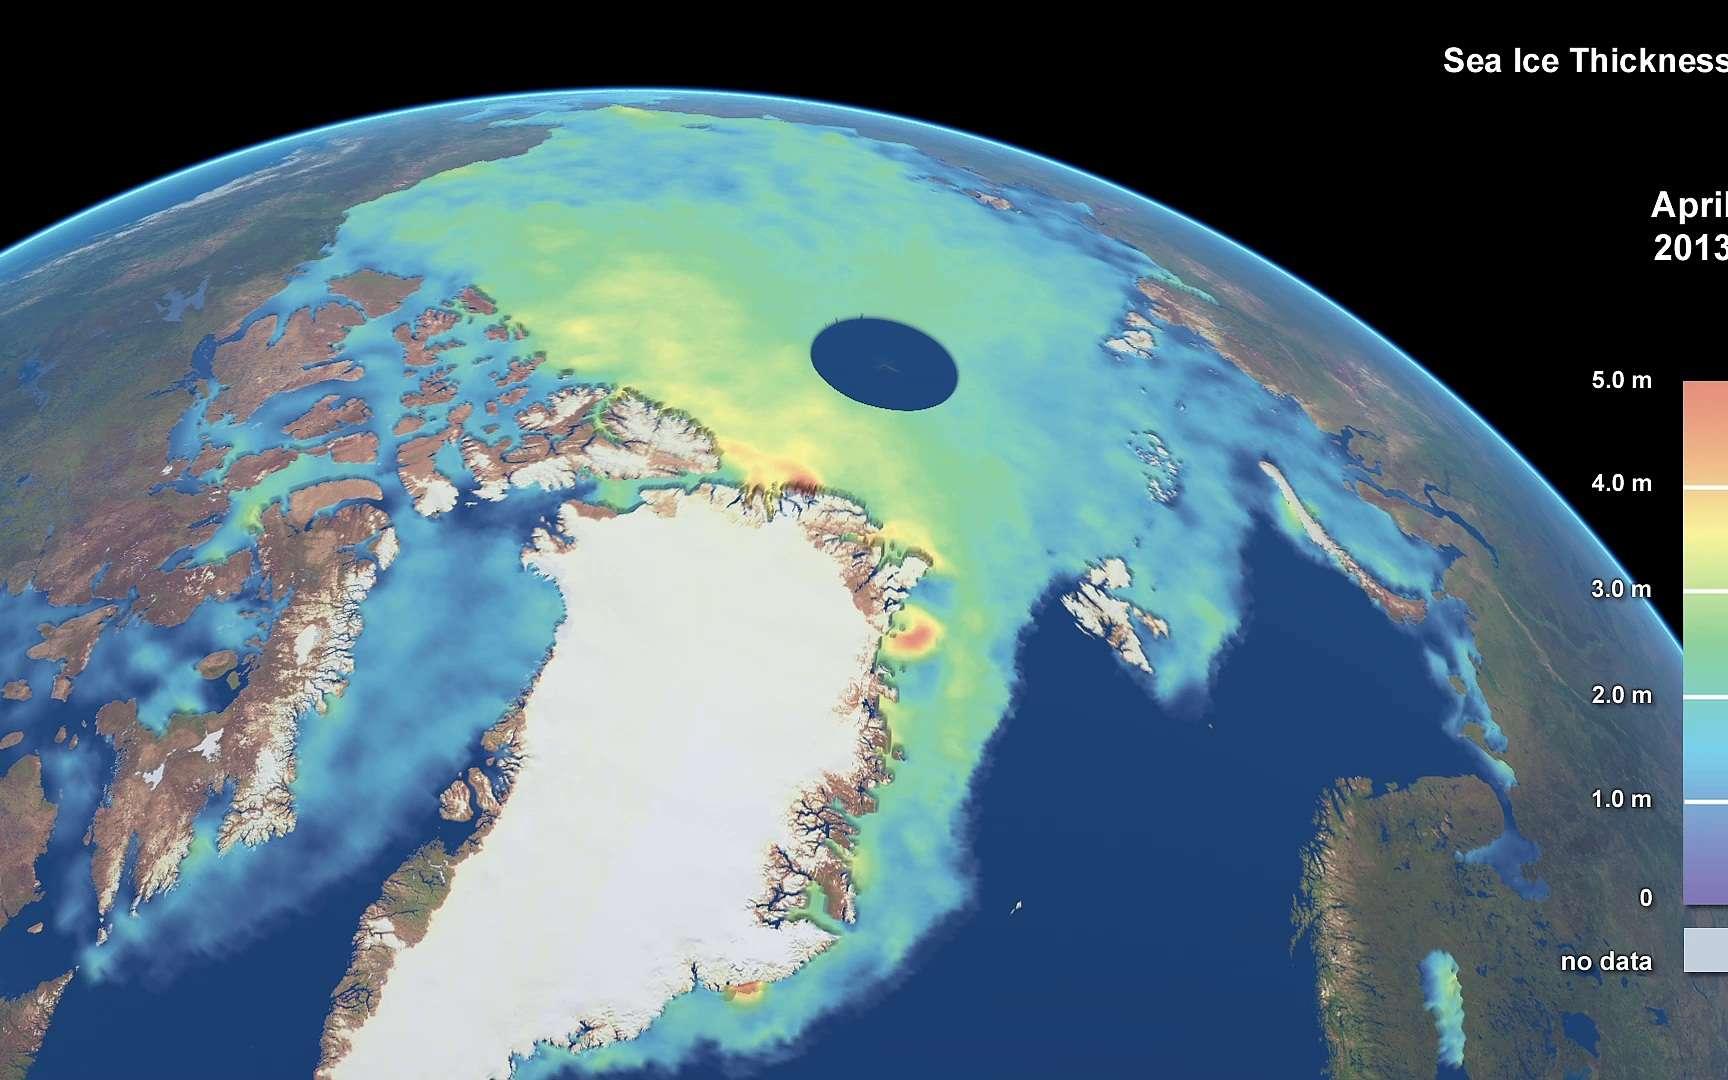 Analyse de l'épaisseur de la banquise en Arctique par le satellite Cryosat, de l'Esa, ici sur une image saisie en avril 2013. L'extension ou la réduction des surfaces de glace de mer, des glaciers et des inlandsis font partie des instruments permettant de suivre l'évolution du climat. © Planetary Visions/CPOM/UCL/Esa